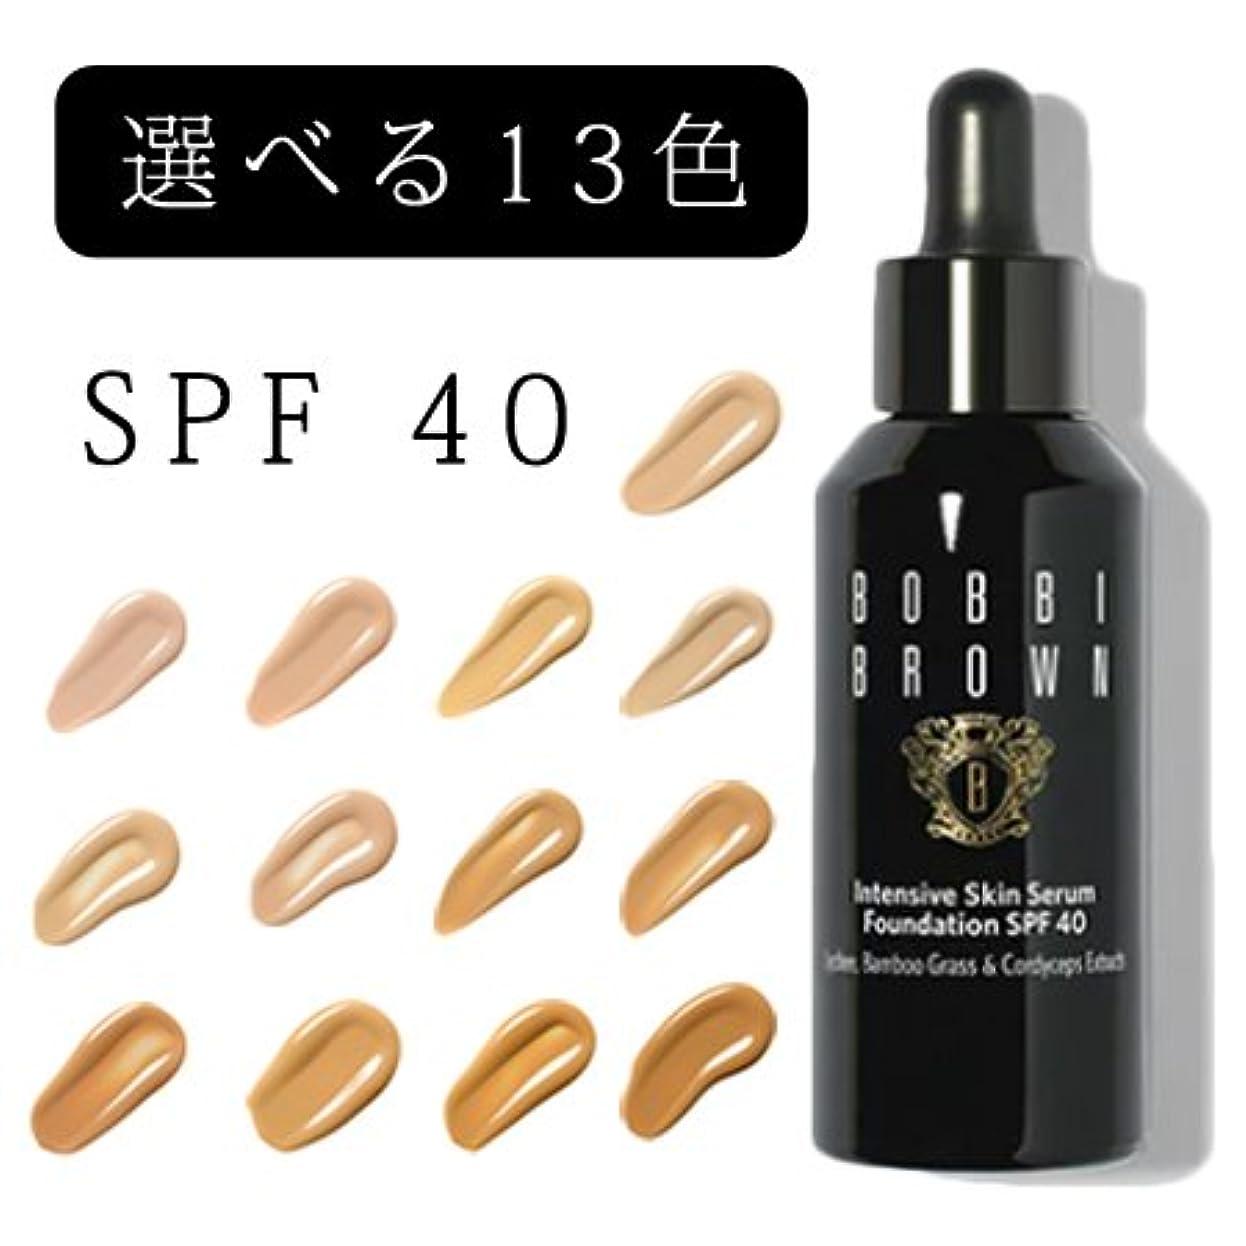 フルーティー遠えモートボビイブラウン インテンシブ スキン セラム ファンデーション SPF 40 (PA++++) 13色展開 -BOBBI BROWN- ポーセリン